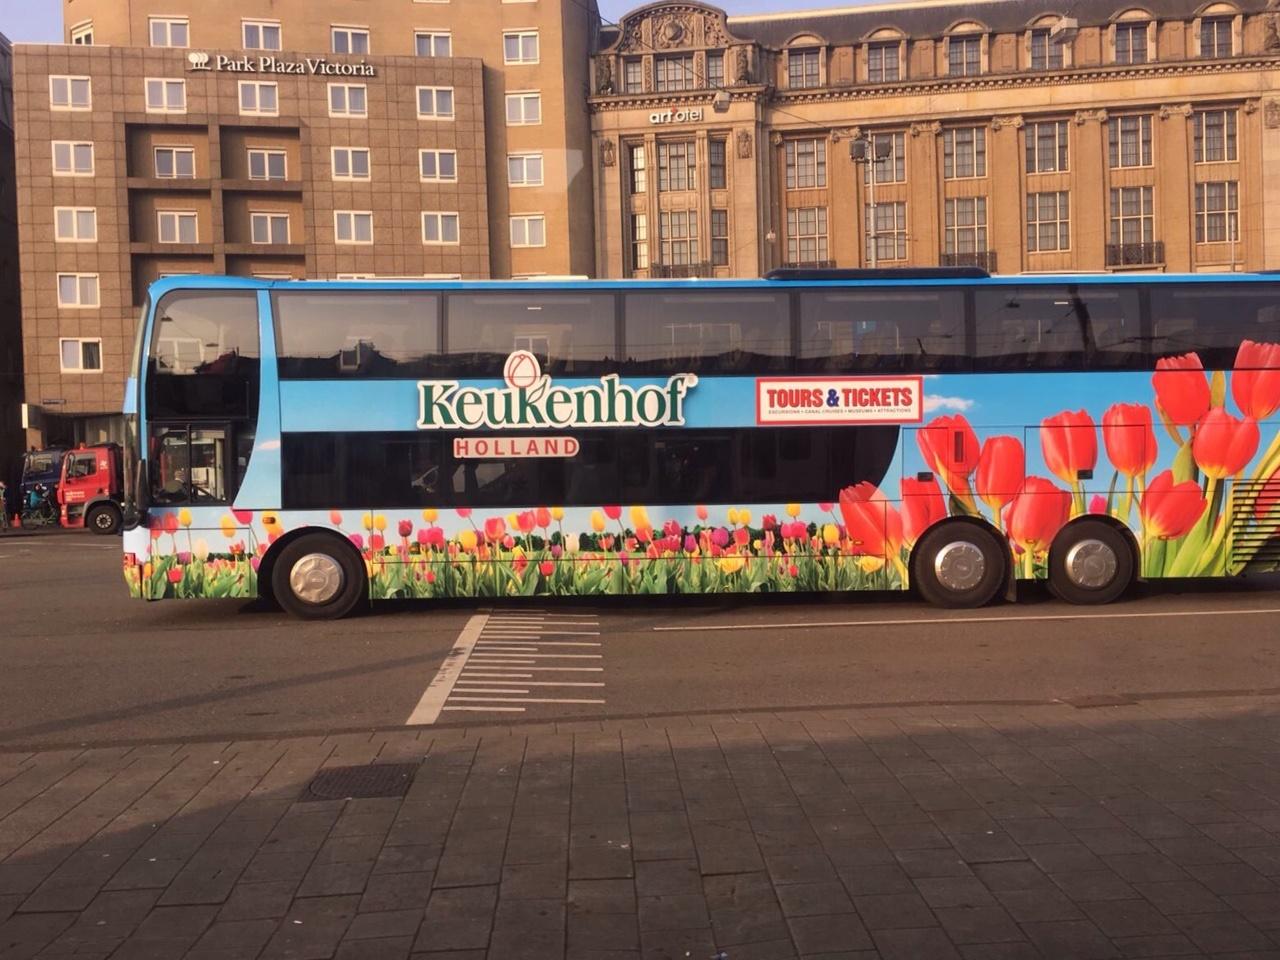 Book a tour to Keukenhof